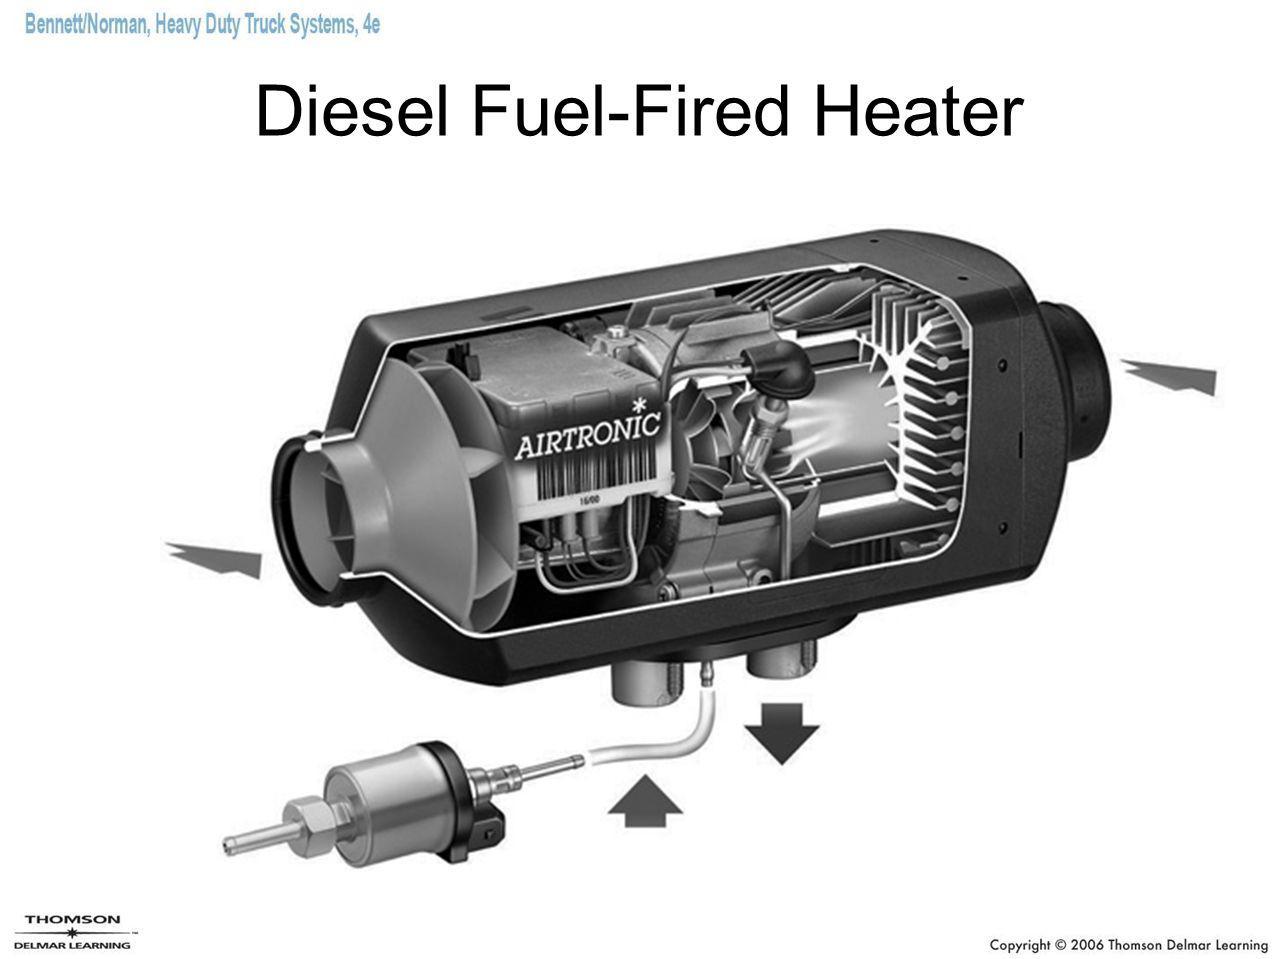 Diesel Fuel-Fired Heater